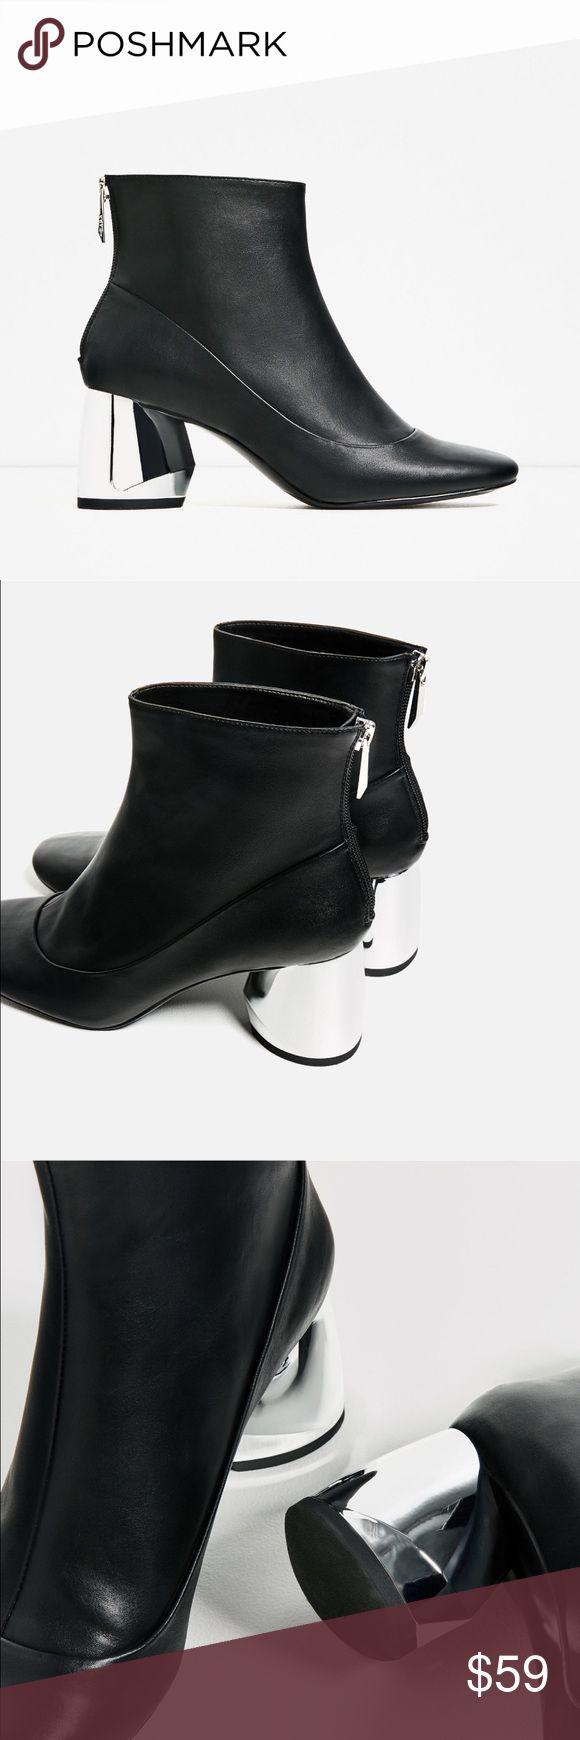 Zara 2017 chrome metallic heel booties 2017 , super trendy, chrome finished block heel Zara Shoes Ankle Boots & Booties